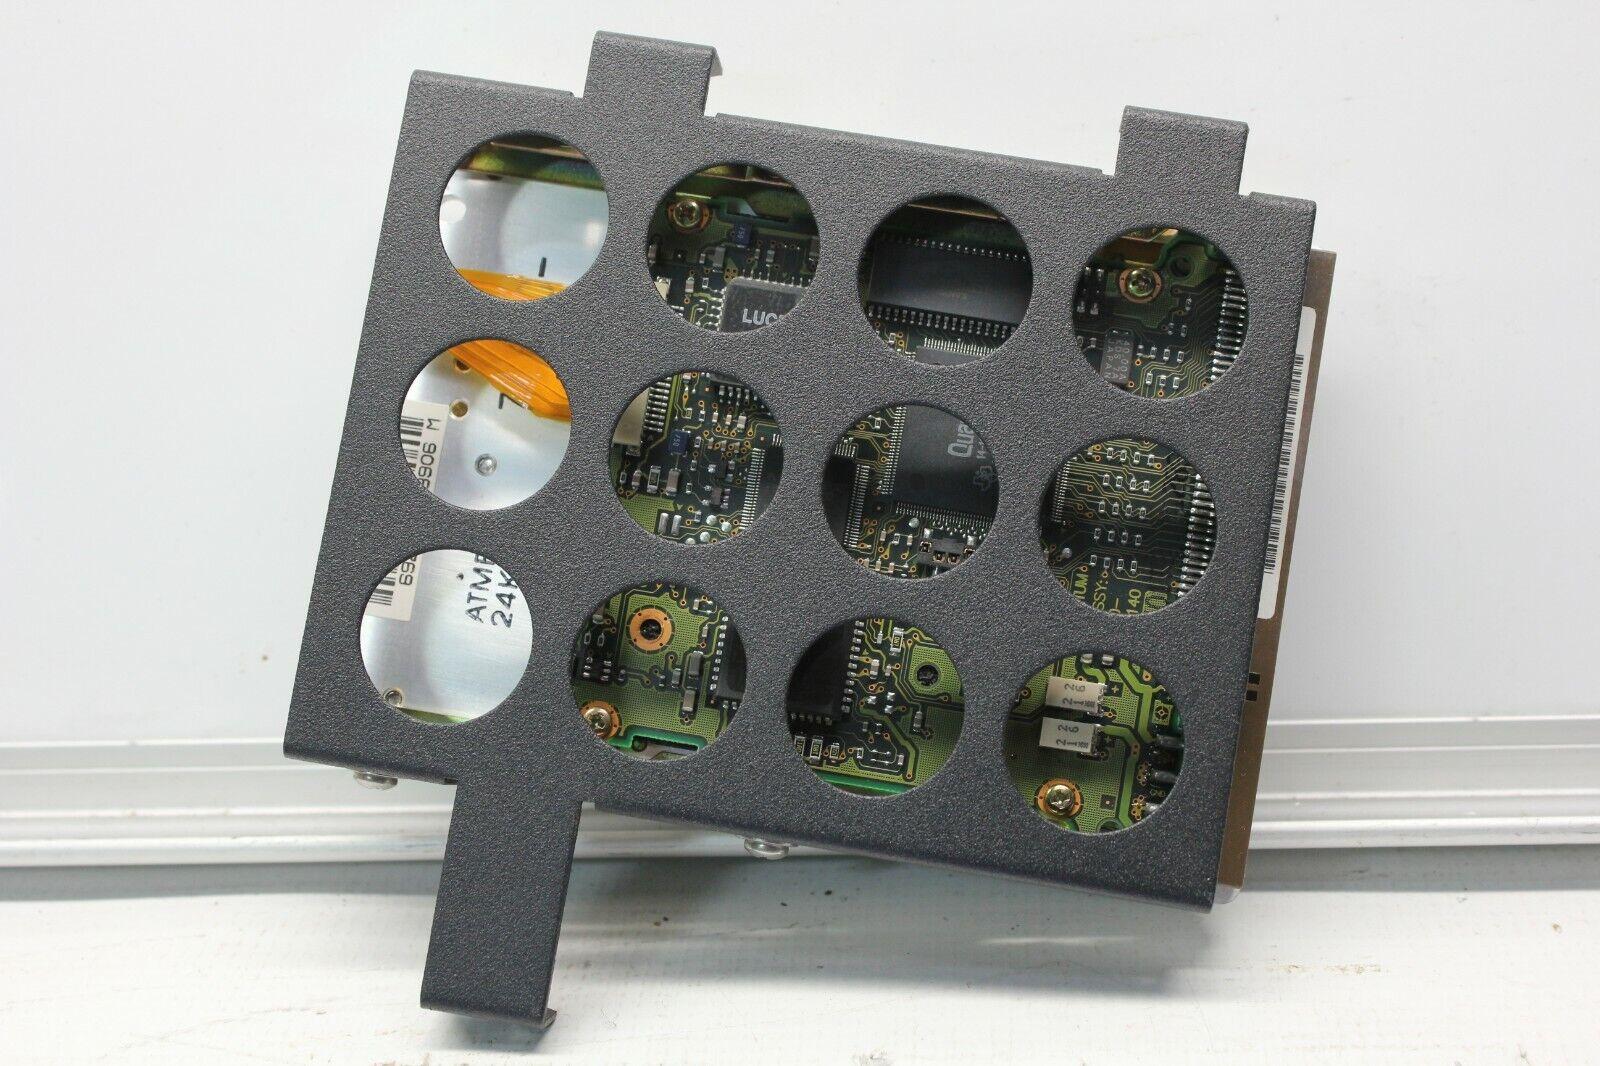 Quantum EL51A012 3.5 INCH IDE HARD DRIVE